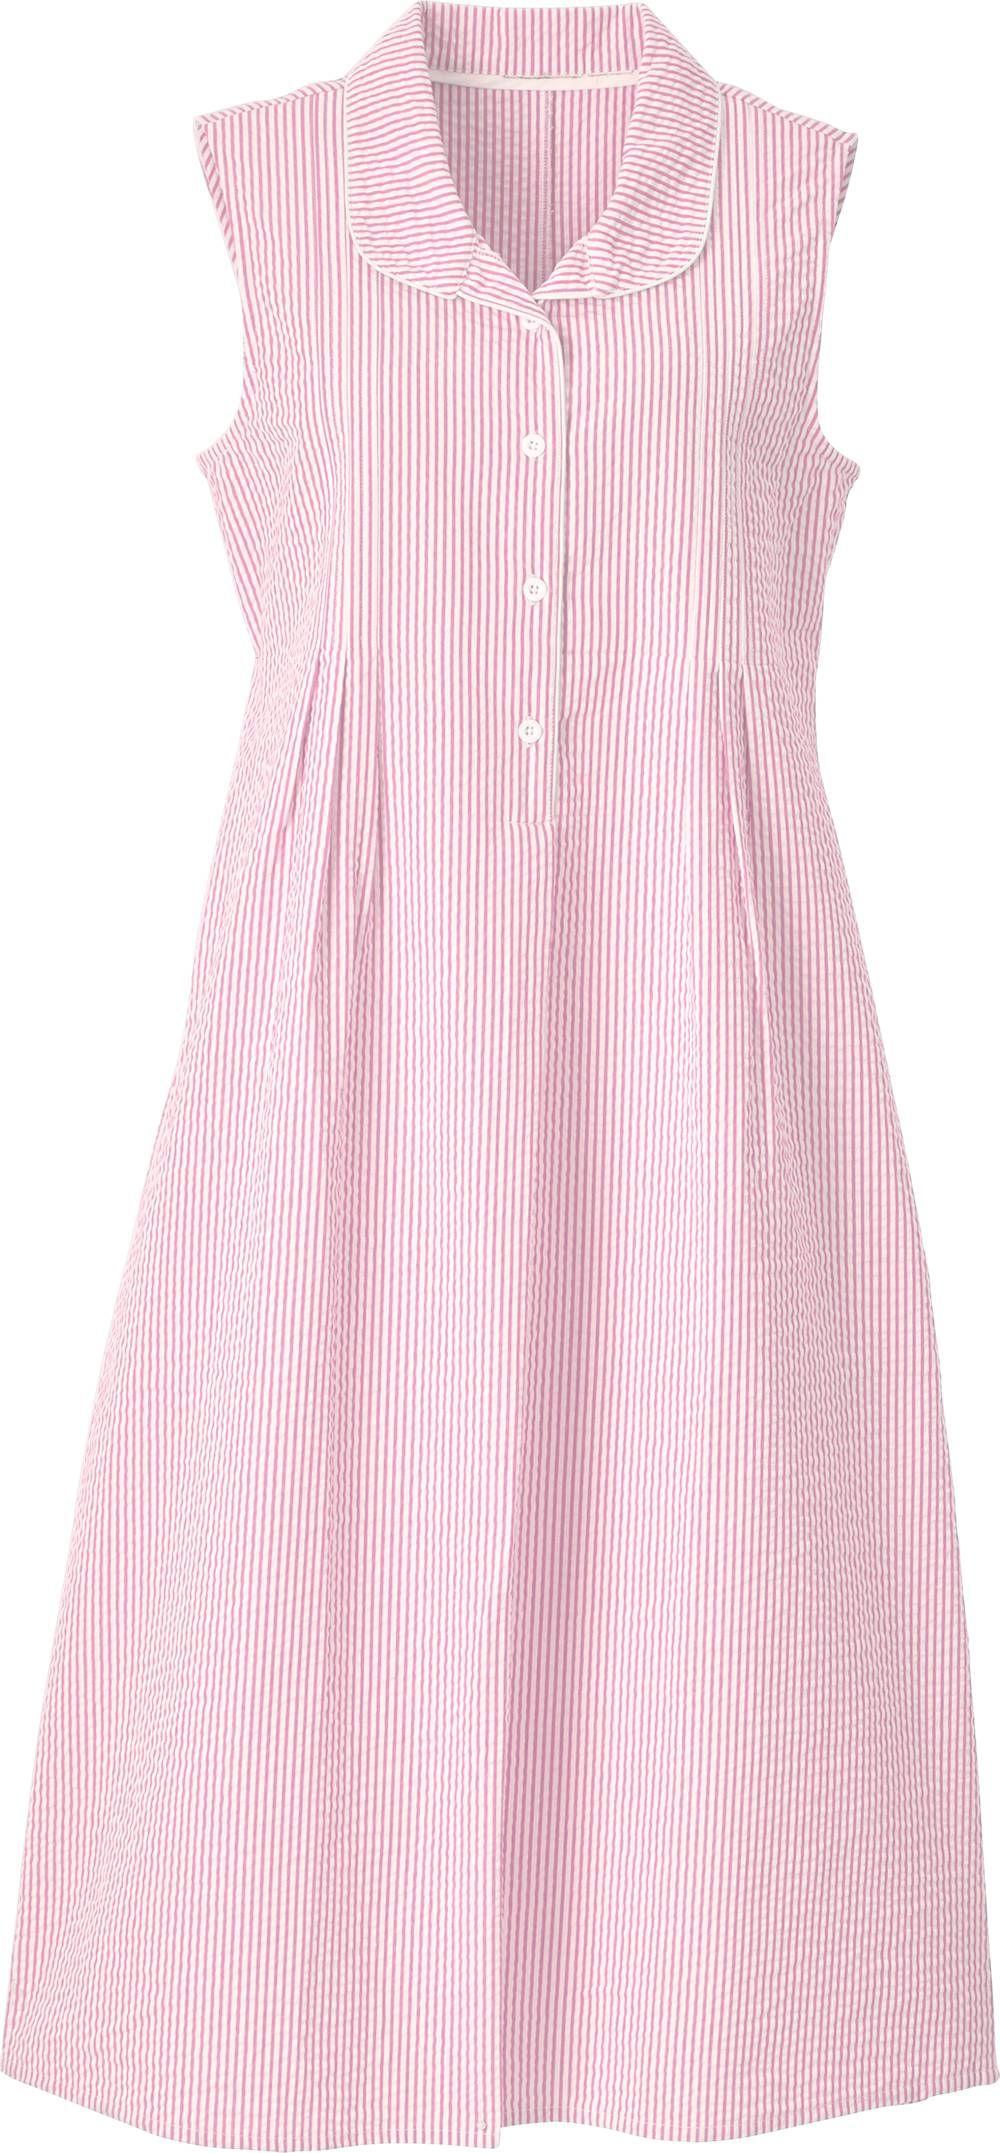 Sleeveless Seersucker Nightgown With Button Placket | Nightwear ...